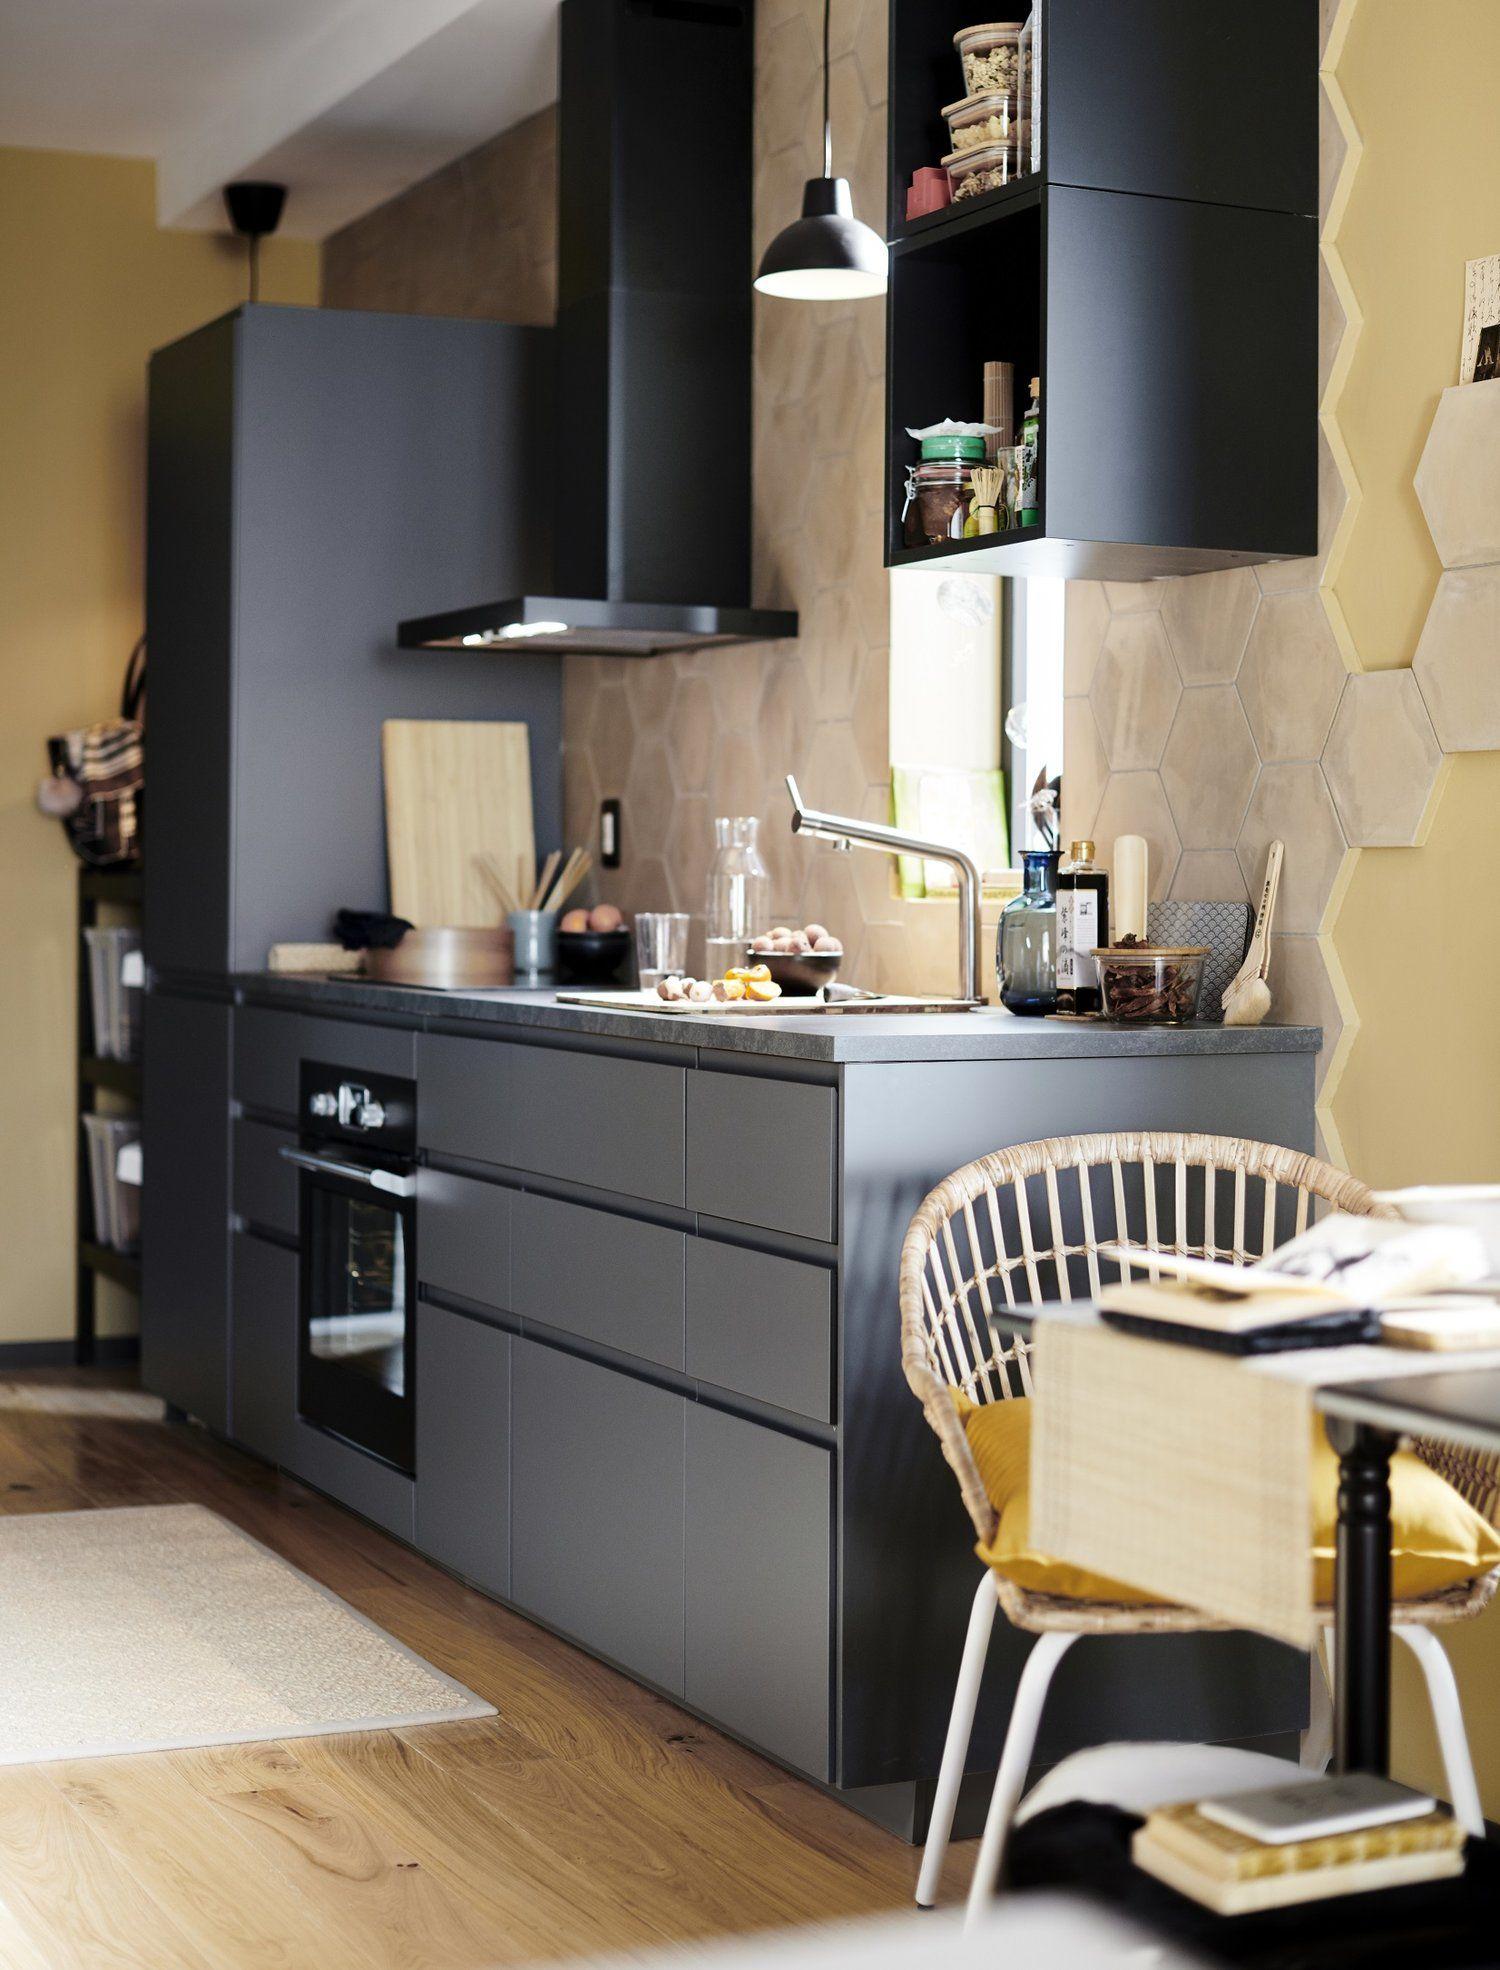 Ikea katalog 2020. u 80 inspirativnih slika - dblog.hr